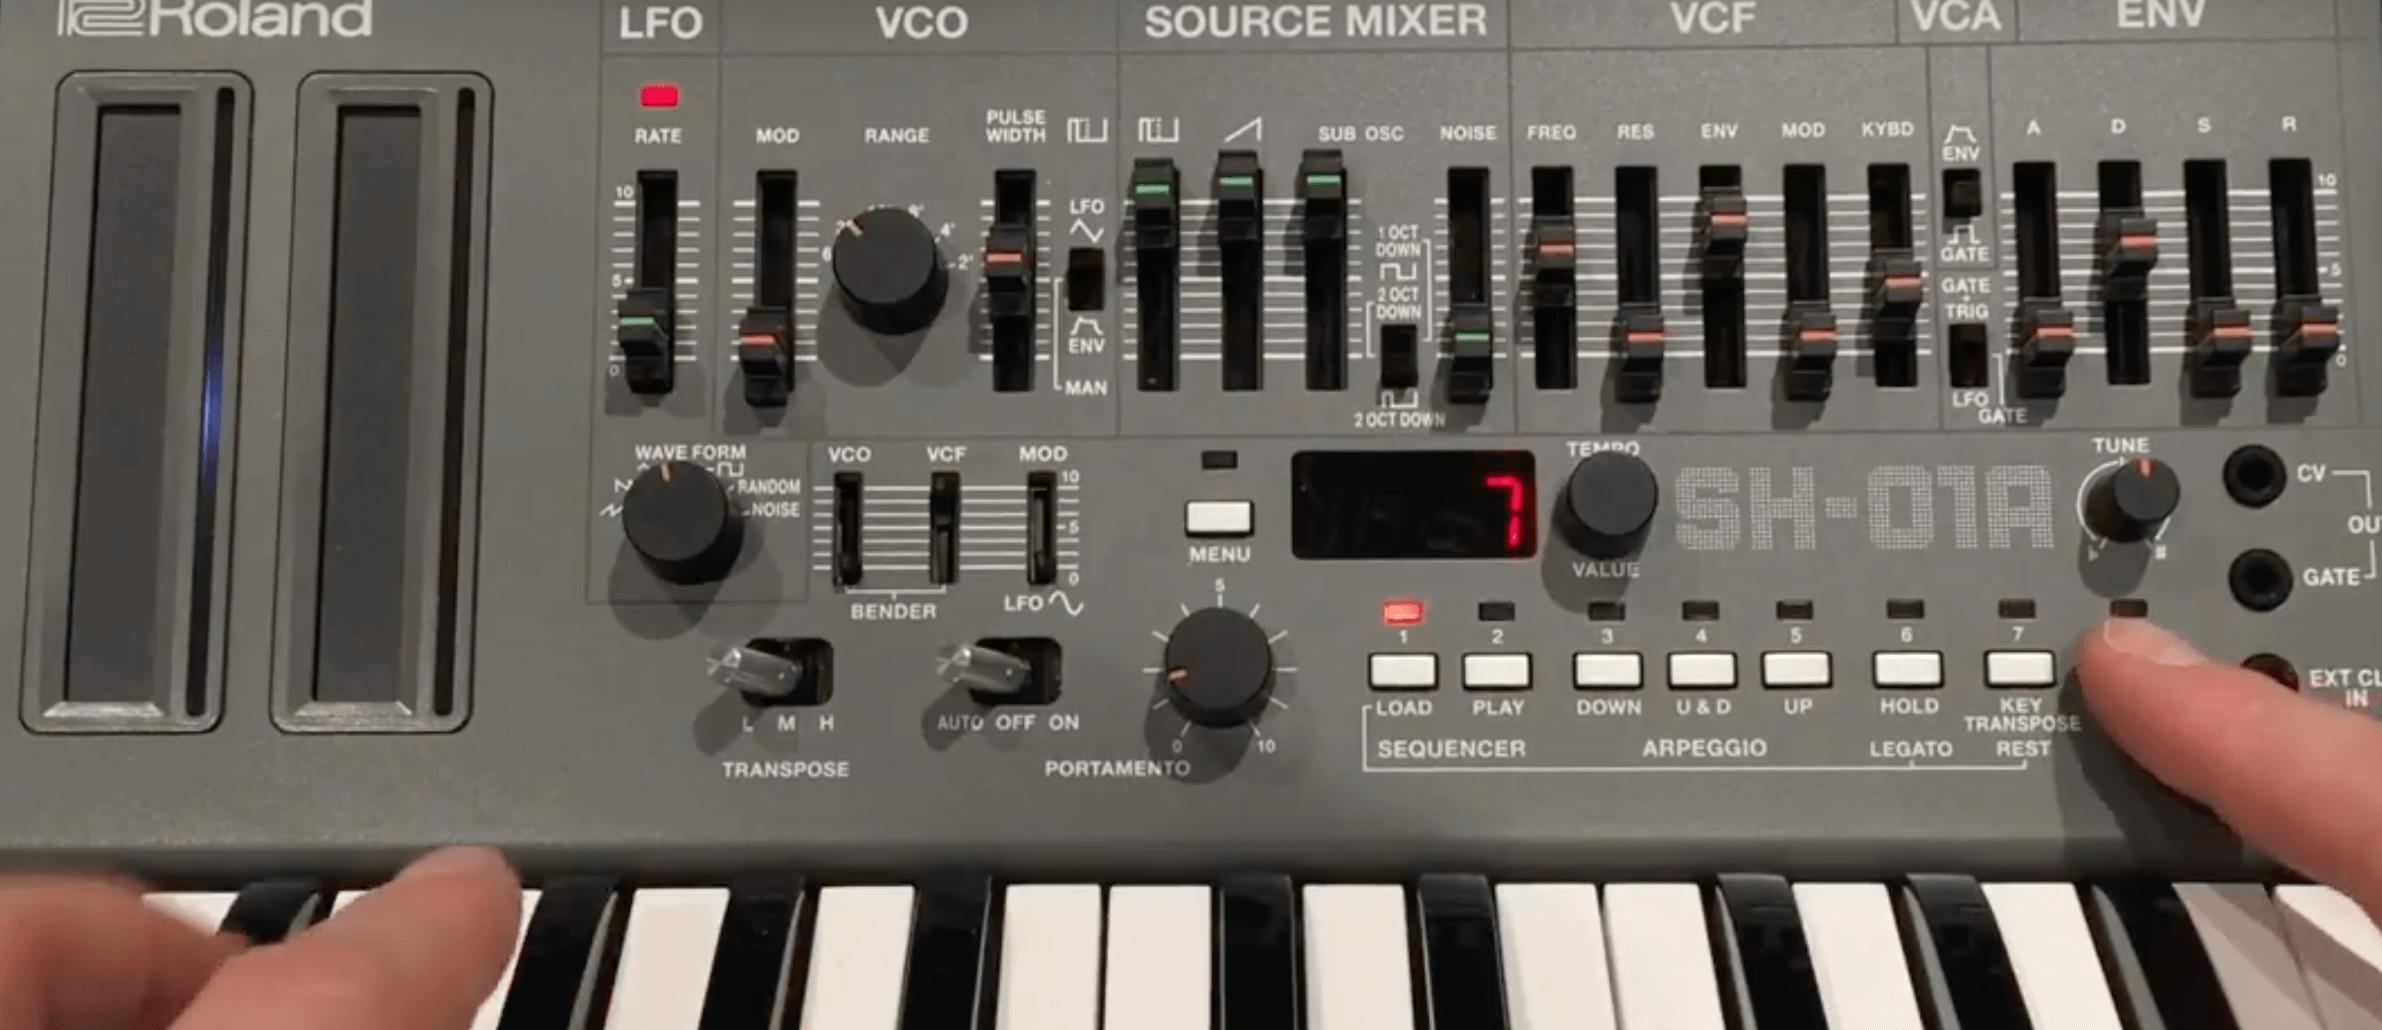 Roland SH-01a review, hidden features